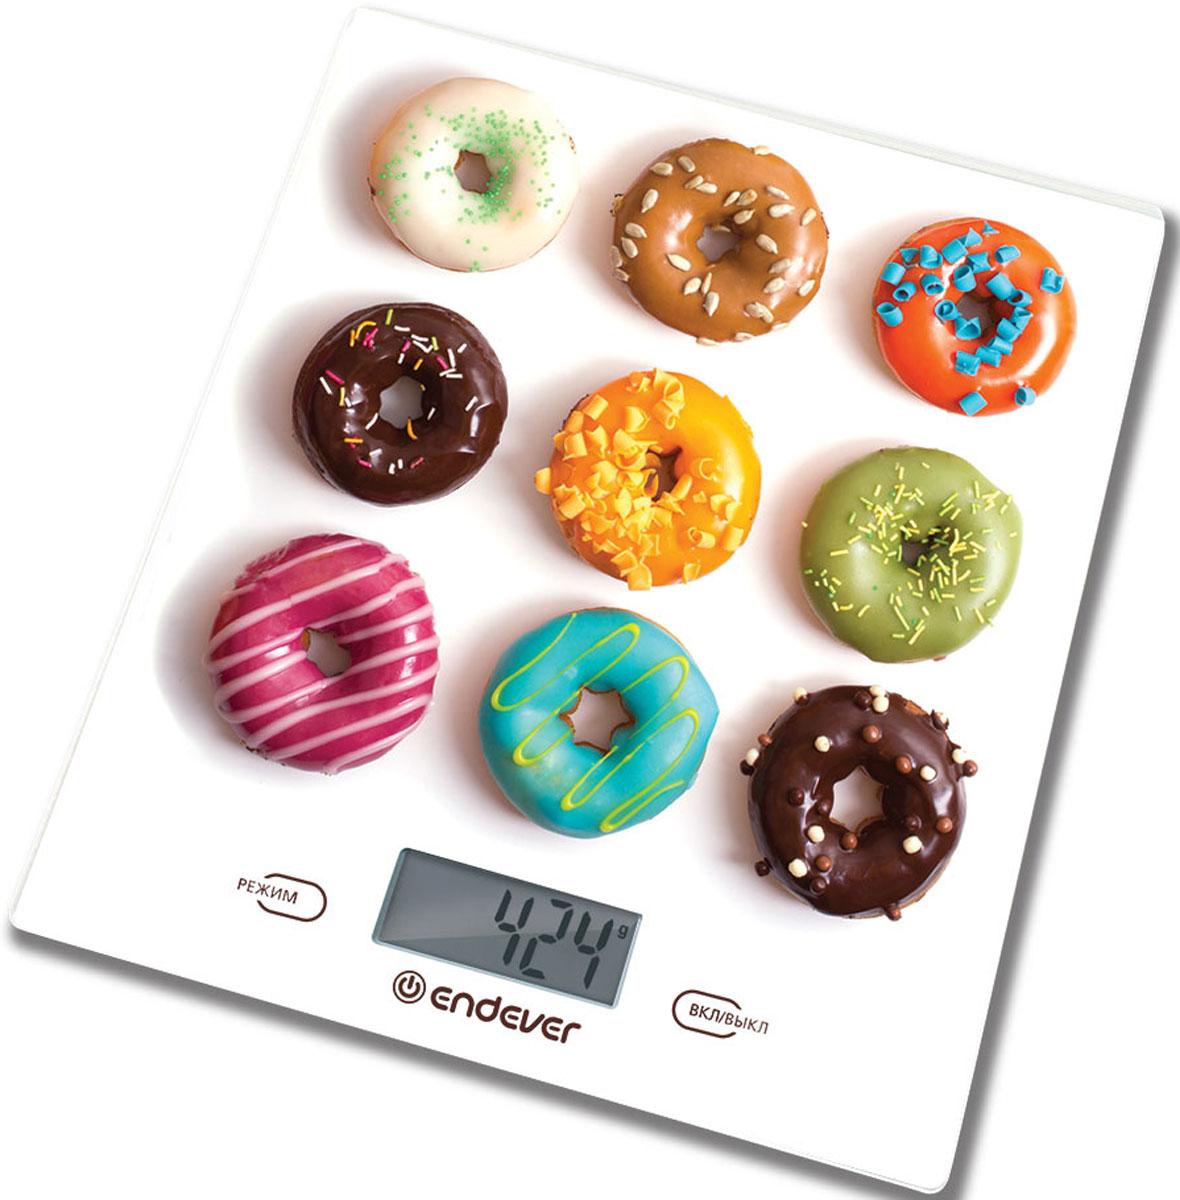 Endever KS-521 весы кухонныеKS-521Кухонные электронные весы Endever KS-521 - незаменимые помощники современной хозяйки. Они помогут точно взвесить любые продукты и ингредиенты. Кроме того, позволят людям, соблюдающим диету, контролировать количество съедаемой пищи и размеры порций. Предназначены для взвешивания продуктов с точностью измерения 1 г. Имеют сенсорное управление.Электронные кухонные весы Endever KS-521 - это высококачественный прибор, в котором применены новейшие технологии в области использования безопасных для здоровья материалов и компонентов.